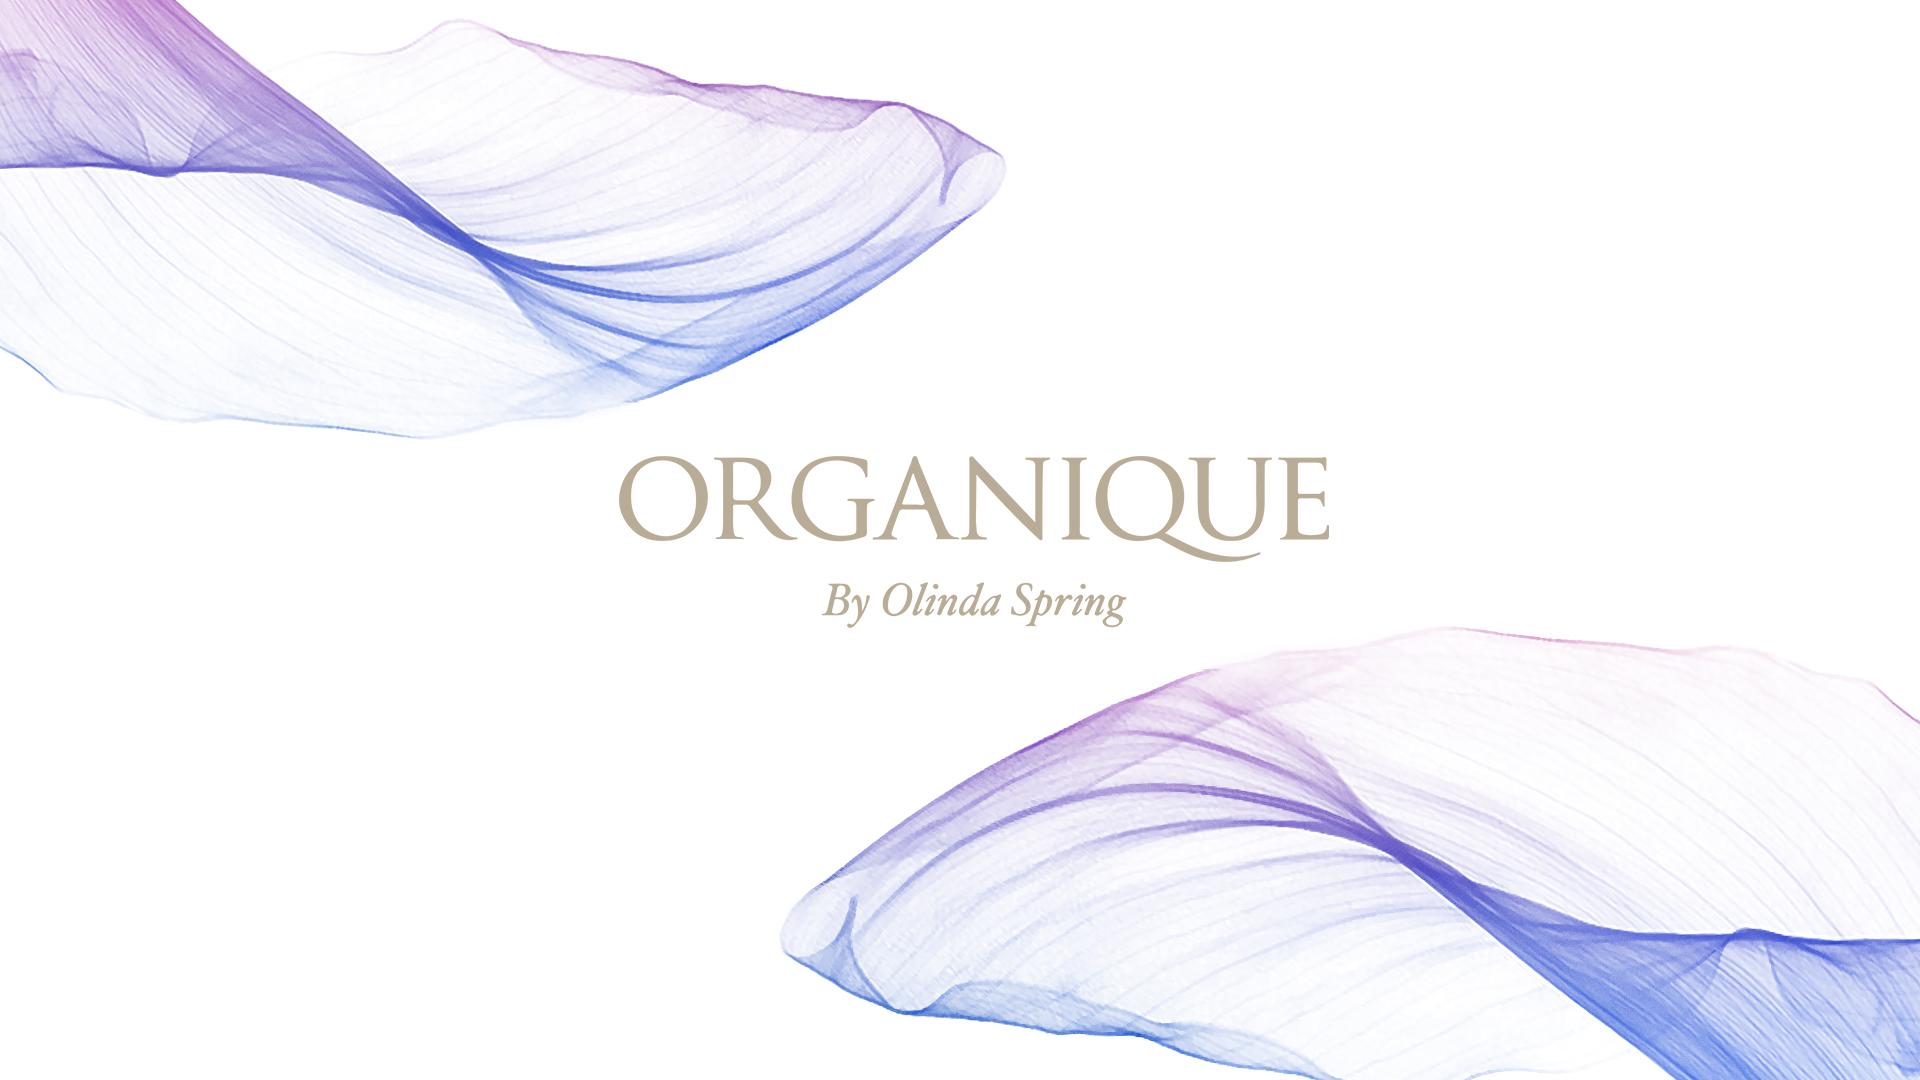 Organique by Olinda Spring Viet Nam